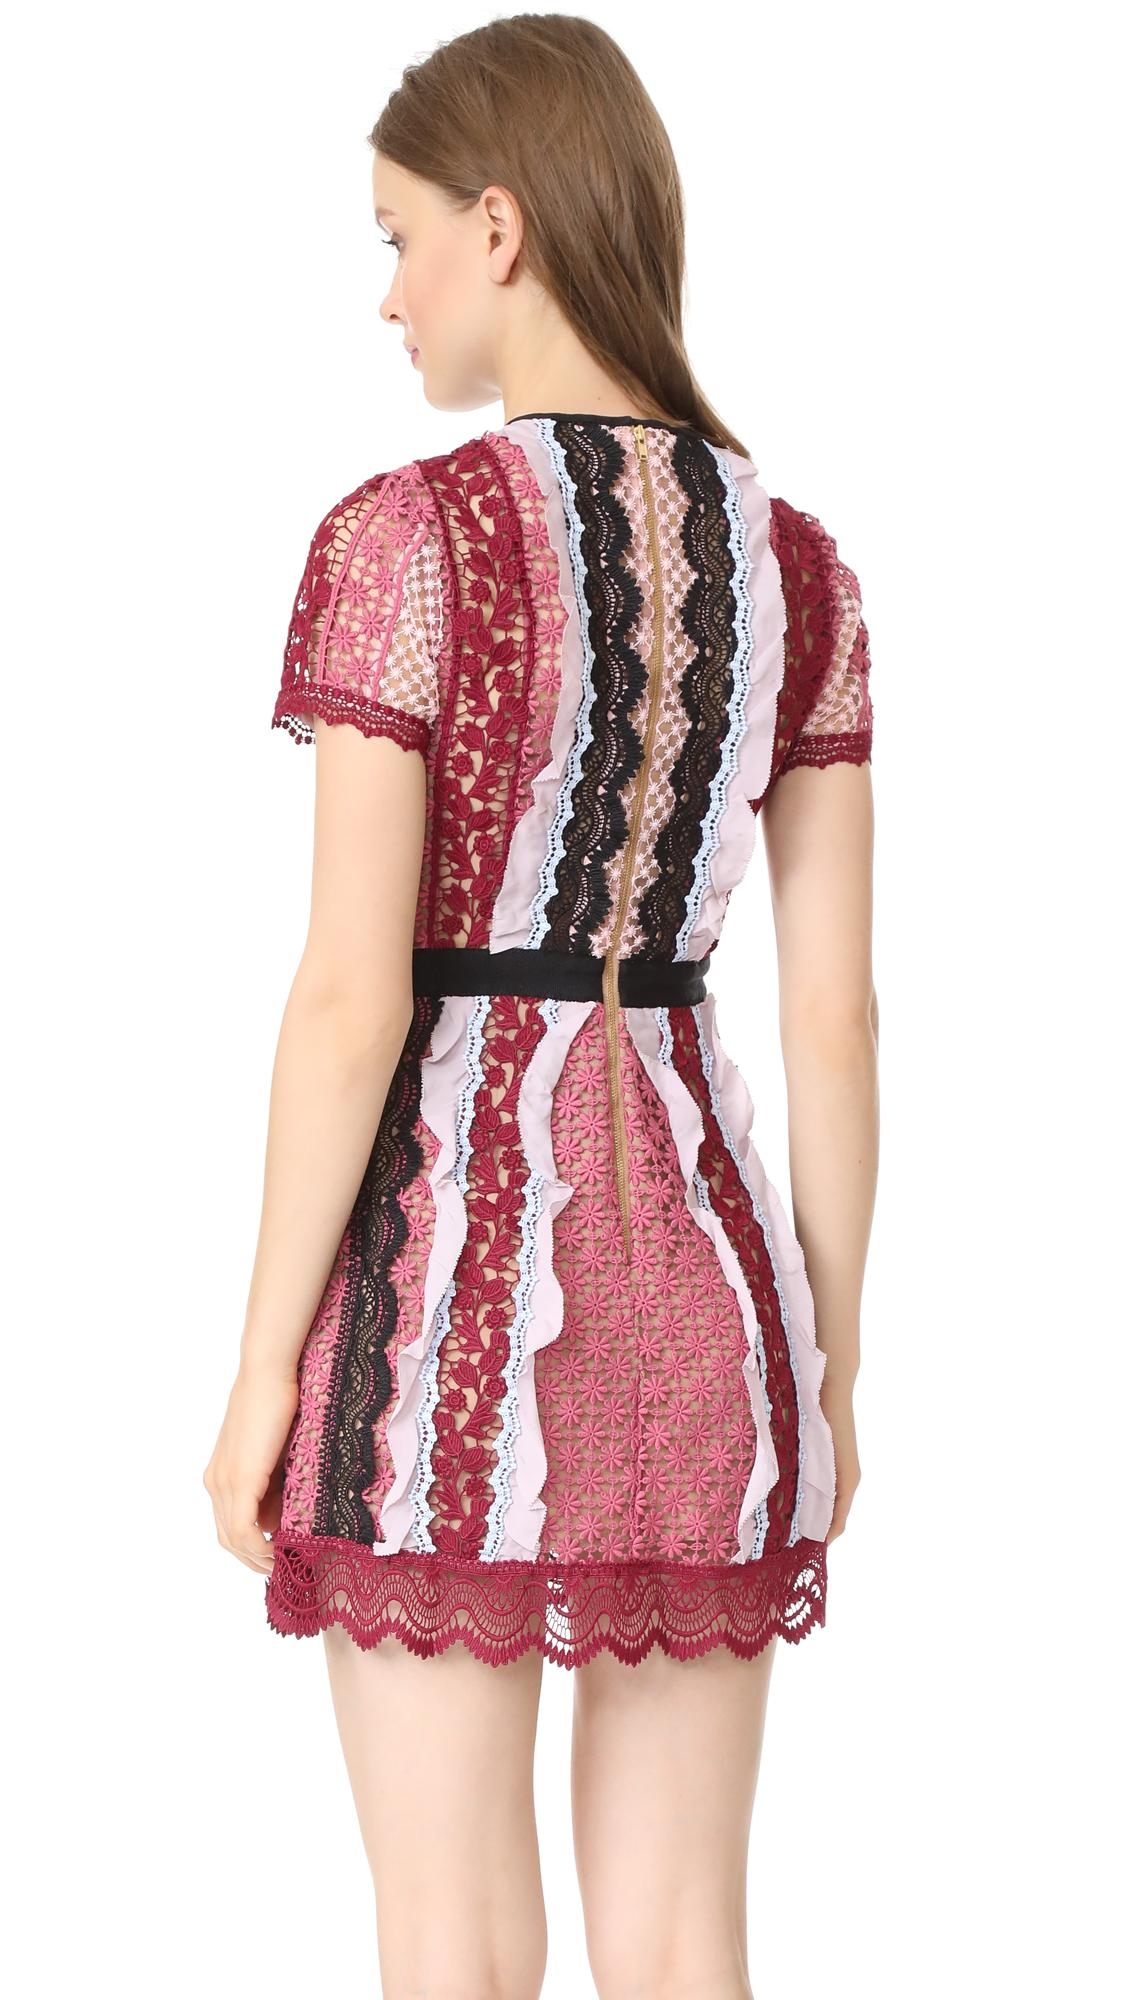 97cd3b64492dc Self Portrait Panelled Bellis Lace Trim Mini Dress   SHOPBOP